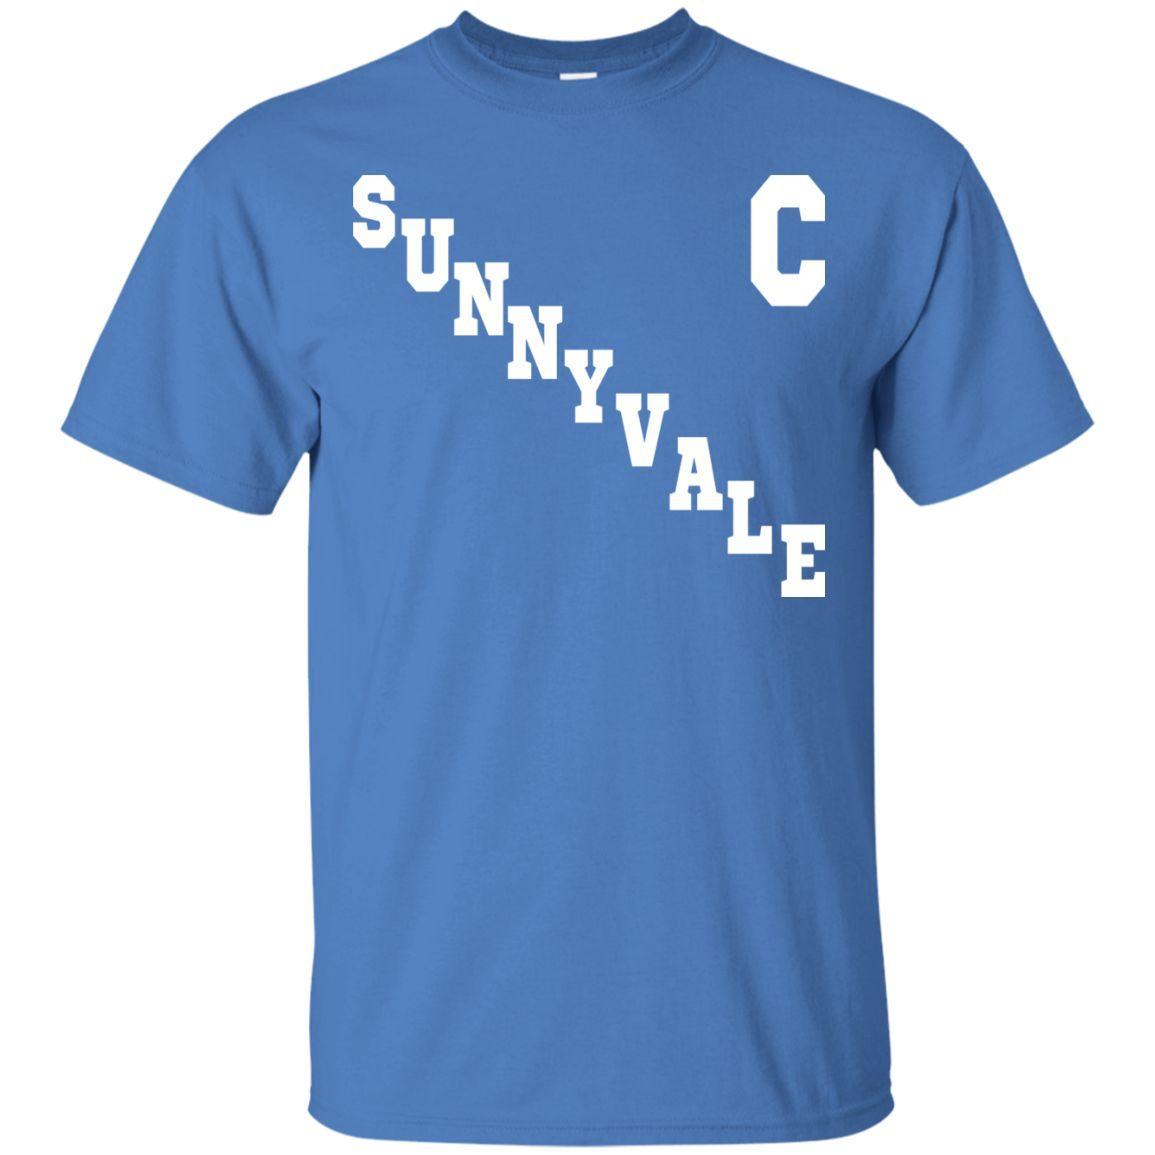 Trailer Park Boys Team Sunnyvale Street Long Sleeve Hockey Jersey-01